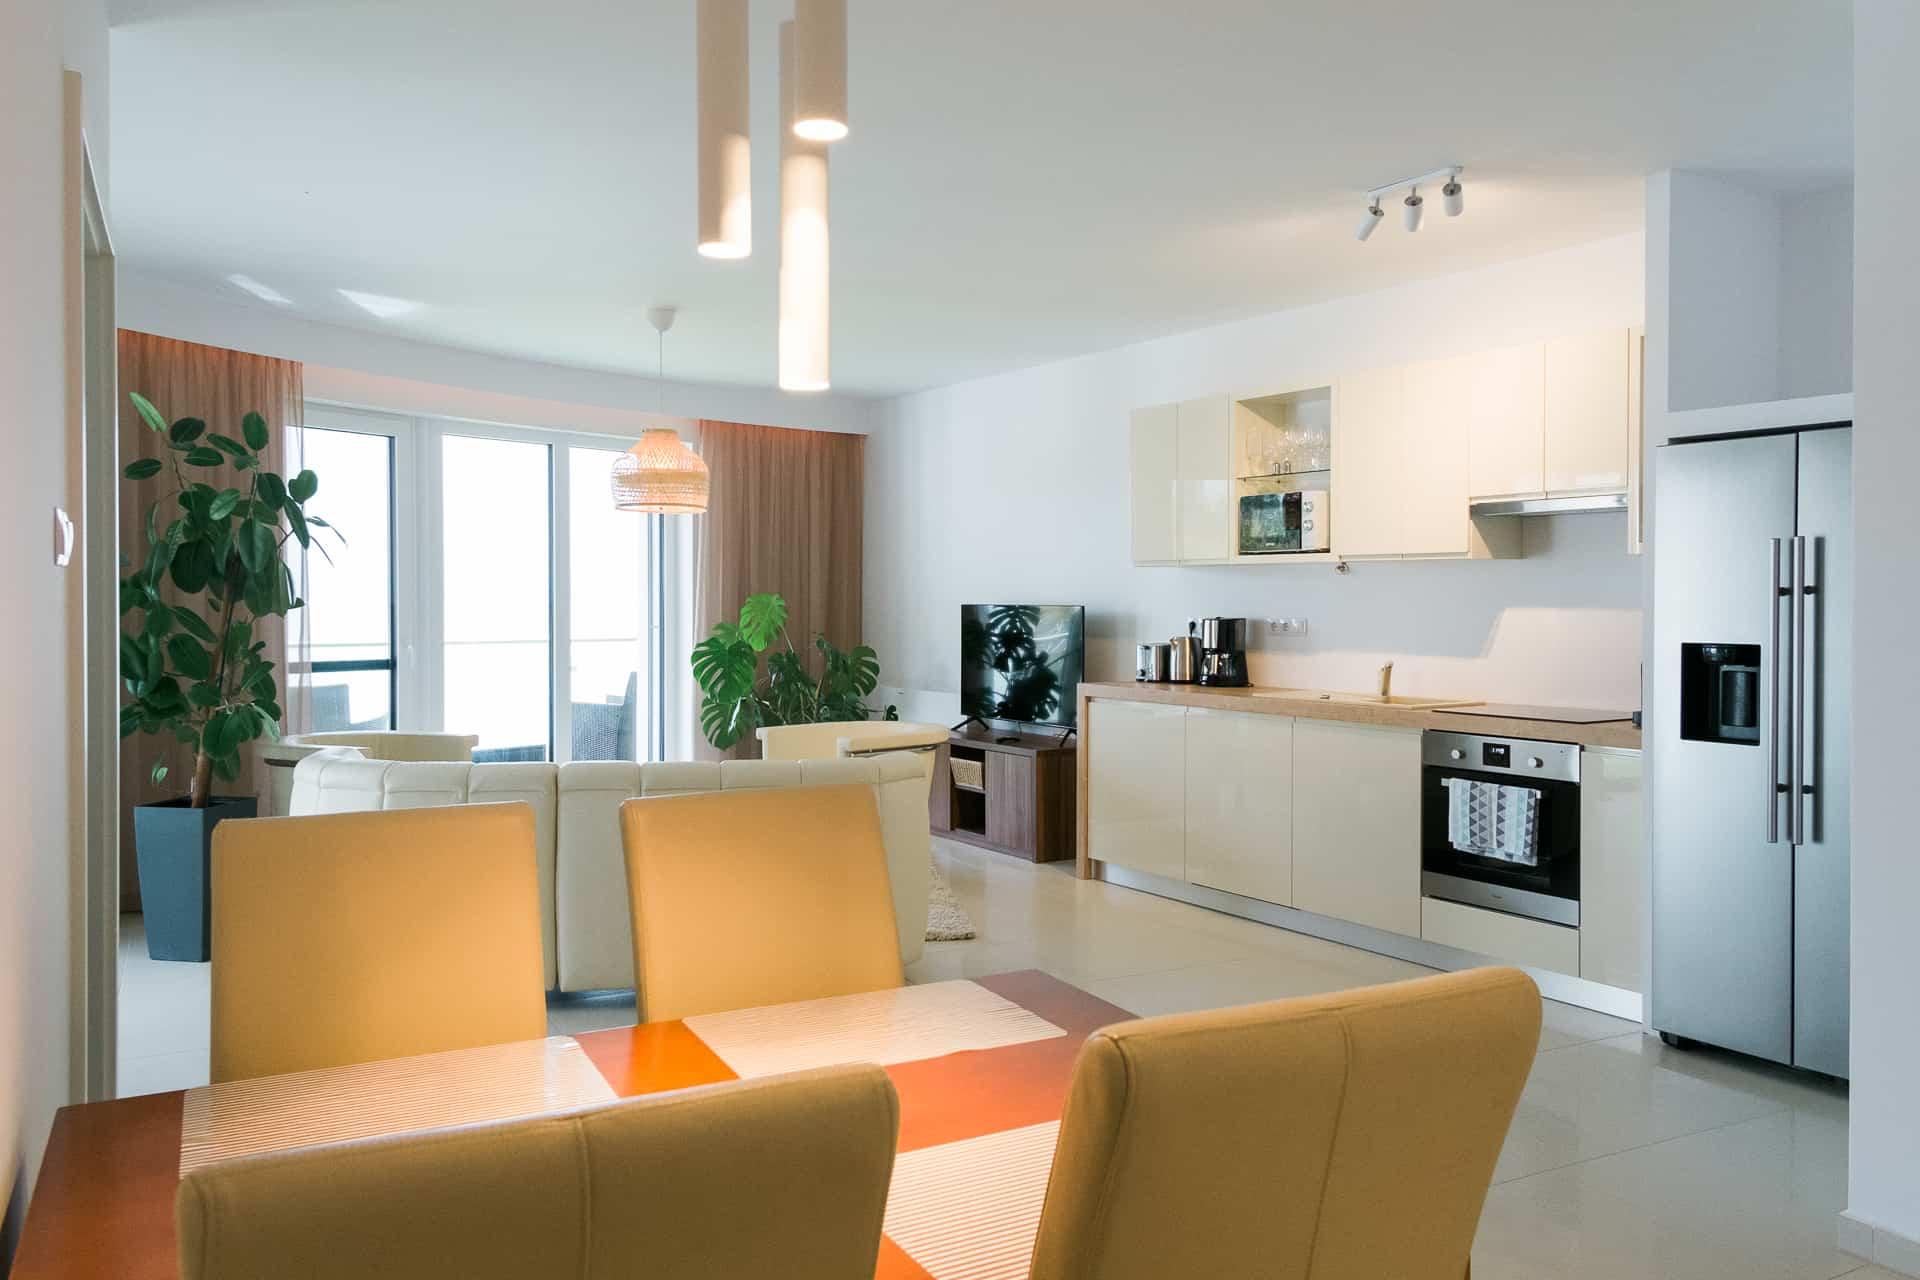 Vízparti balatoni panorámás Apartmanok Keszthely - nappali konyhával és étkrezővel.